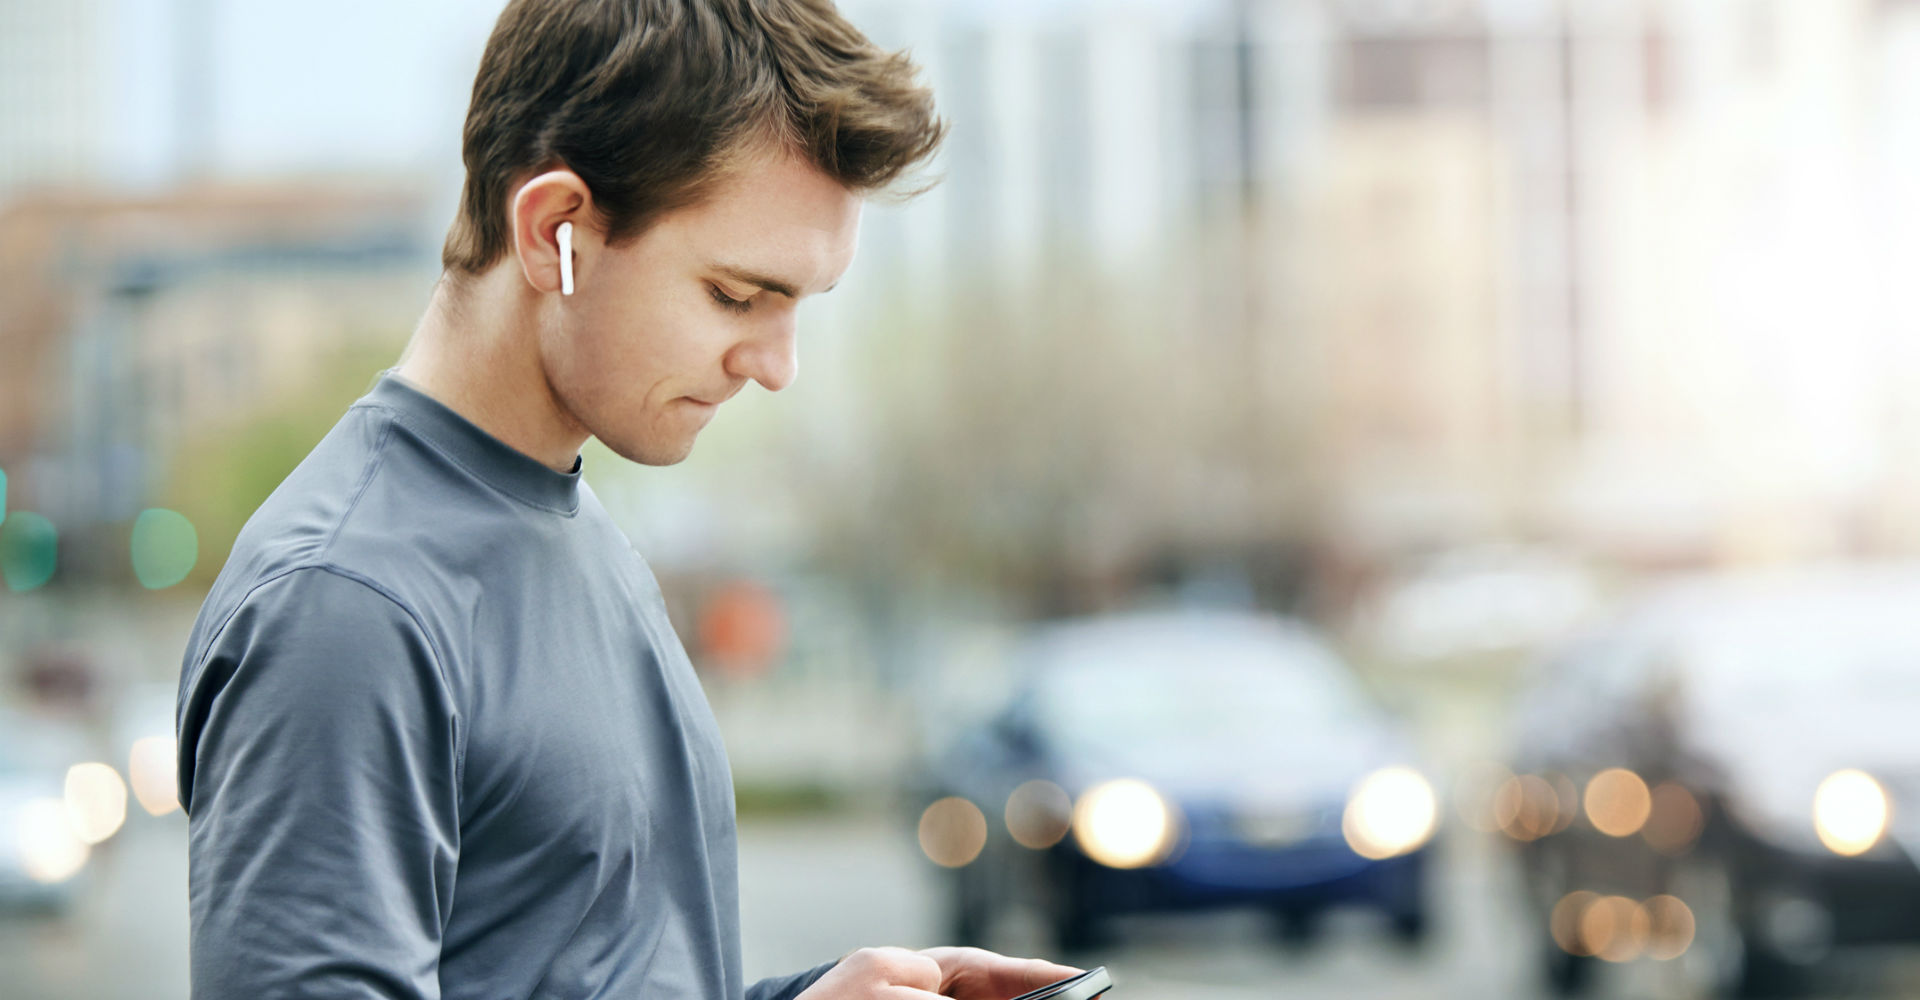 Junger Mann sieht sich auf dem Smartphone den Ladestand seiner AirPods an.